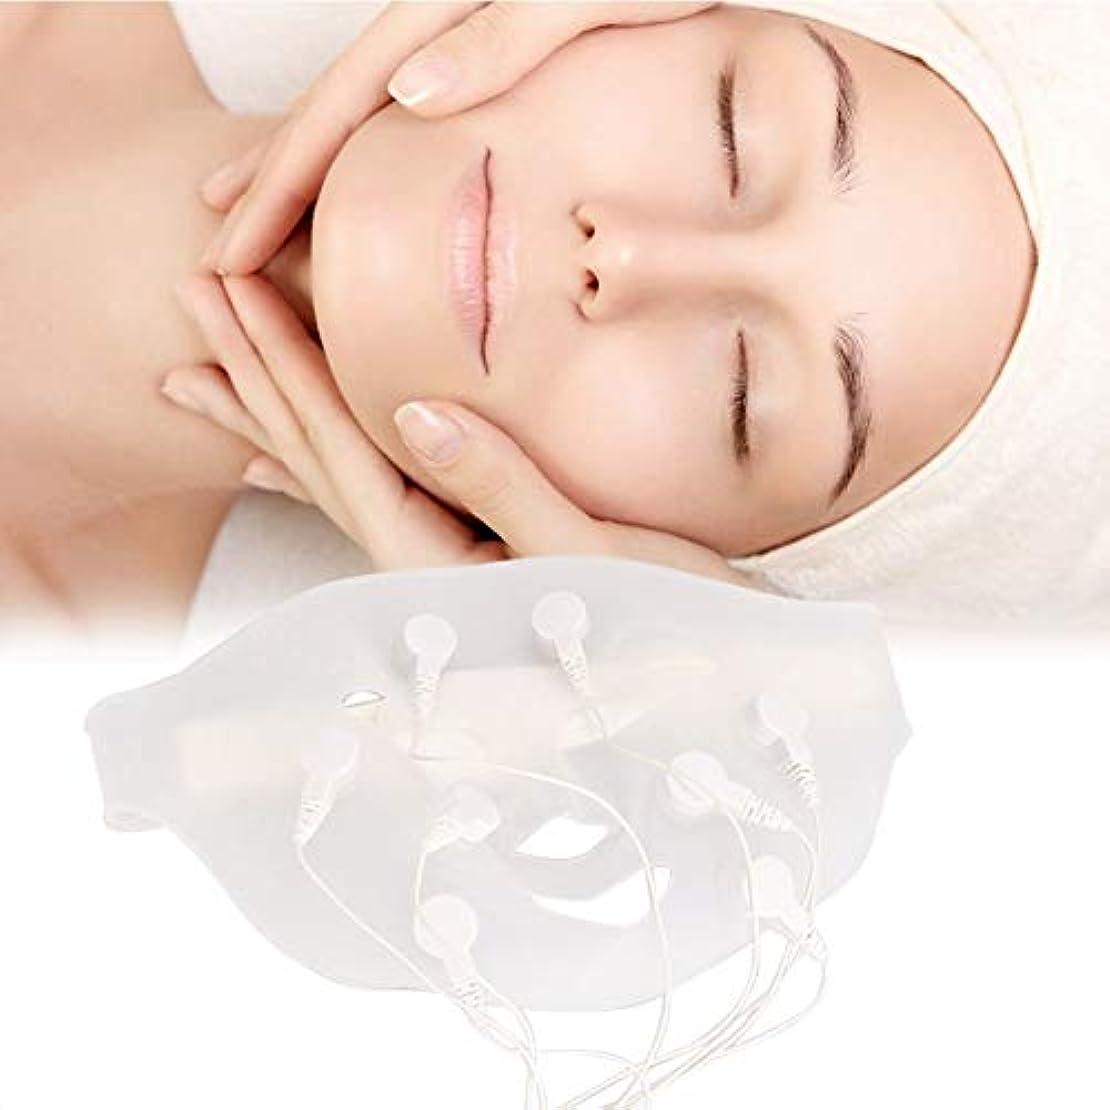 明らか感覚型電動シリコン 3D振動 美容マッサージ スキンケア マッサージスパフェイスマスク、自然なV字型の顔、なめらかな肌、滑らかな細い線の構築、エッセンス吸収の促進(1)